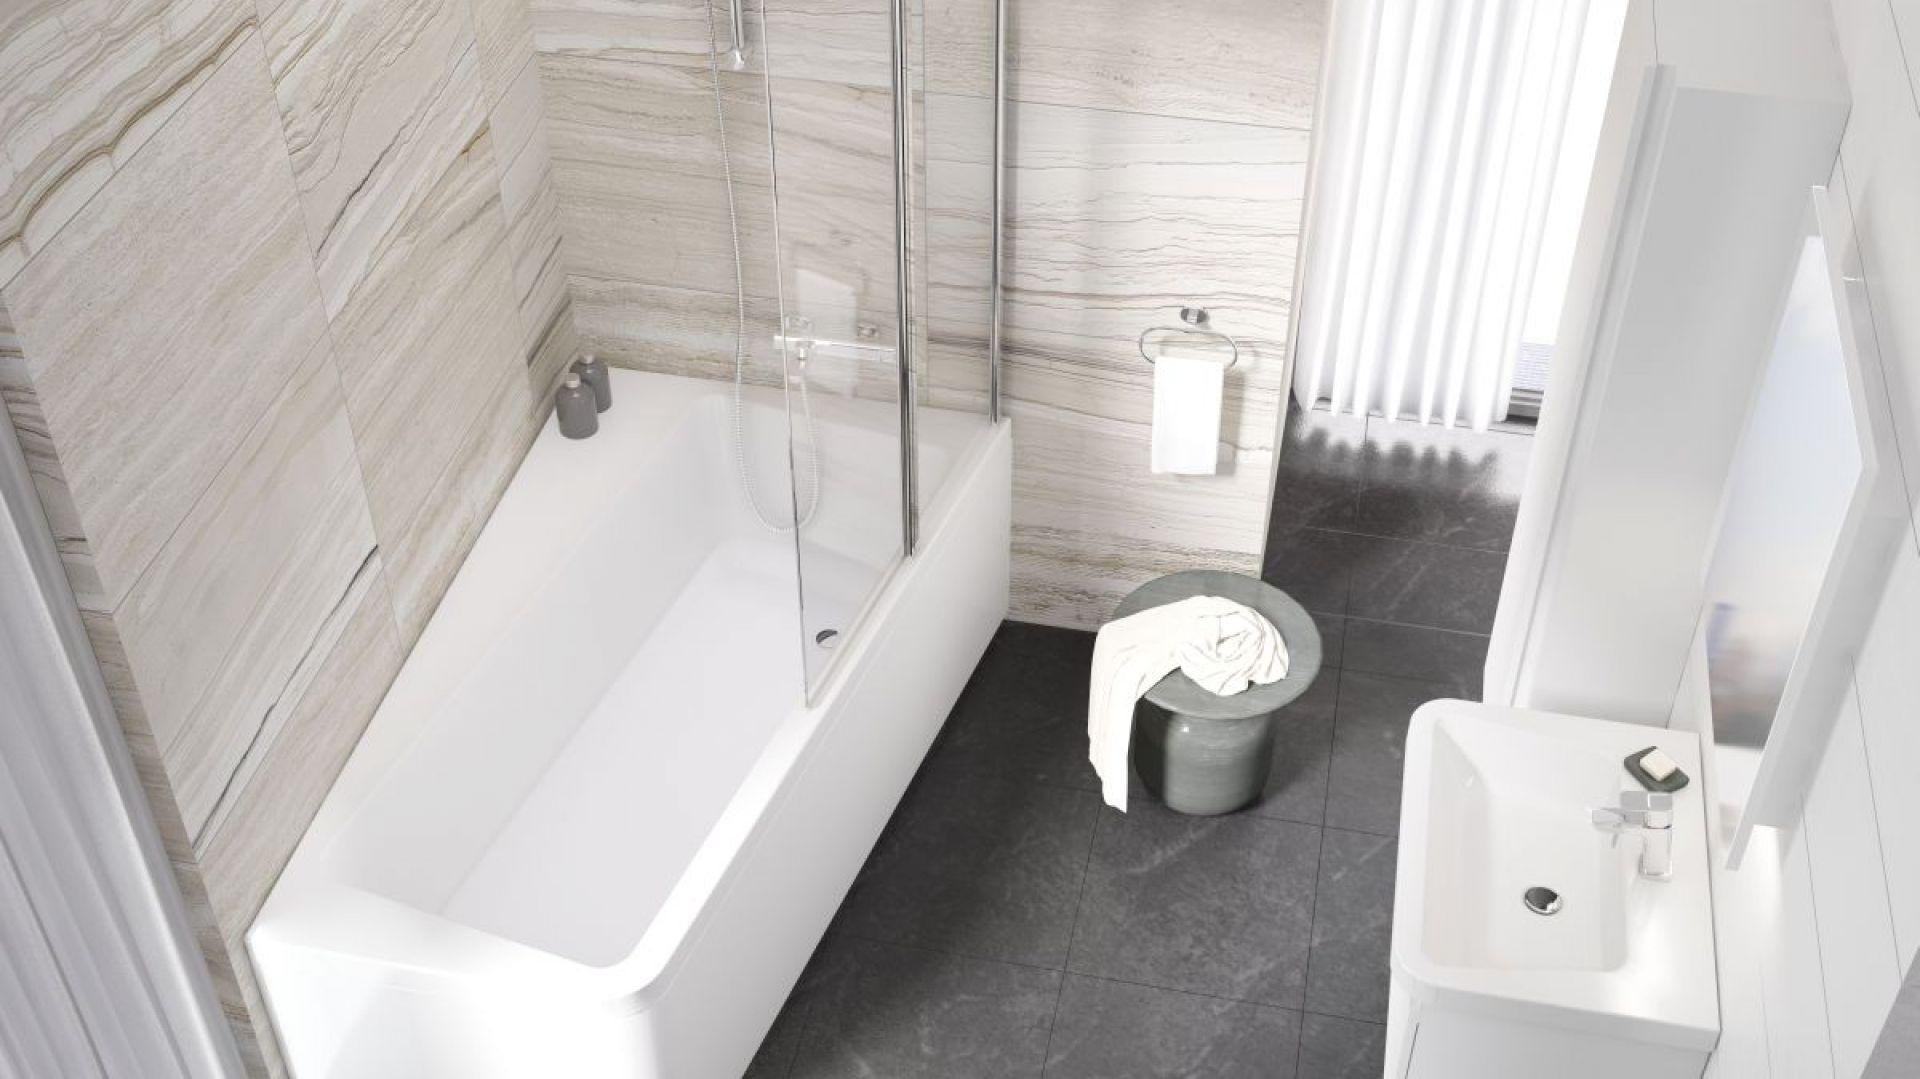 Asymetryczna wanna z parawanem z konceptu łazienkowego 10 stopni marki Ravak. Fot. Ravak